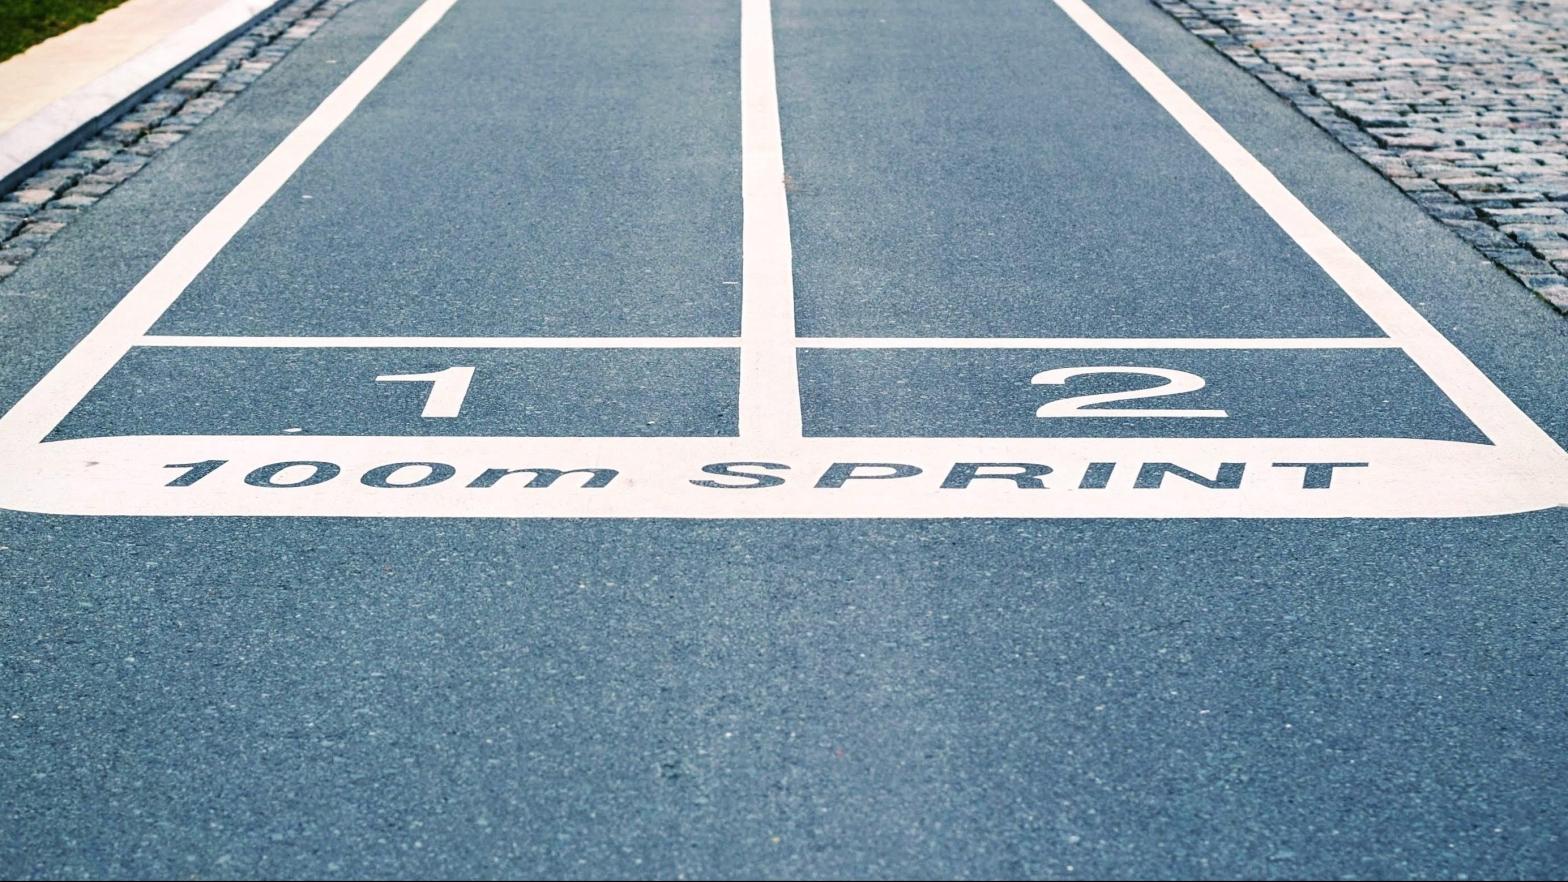 start line for 100 metre sprint